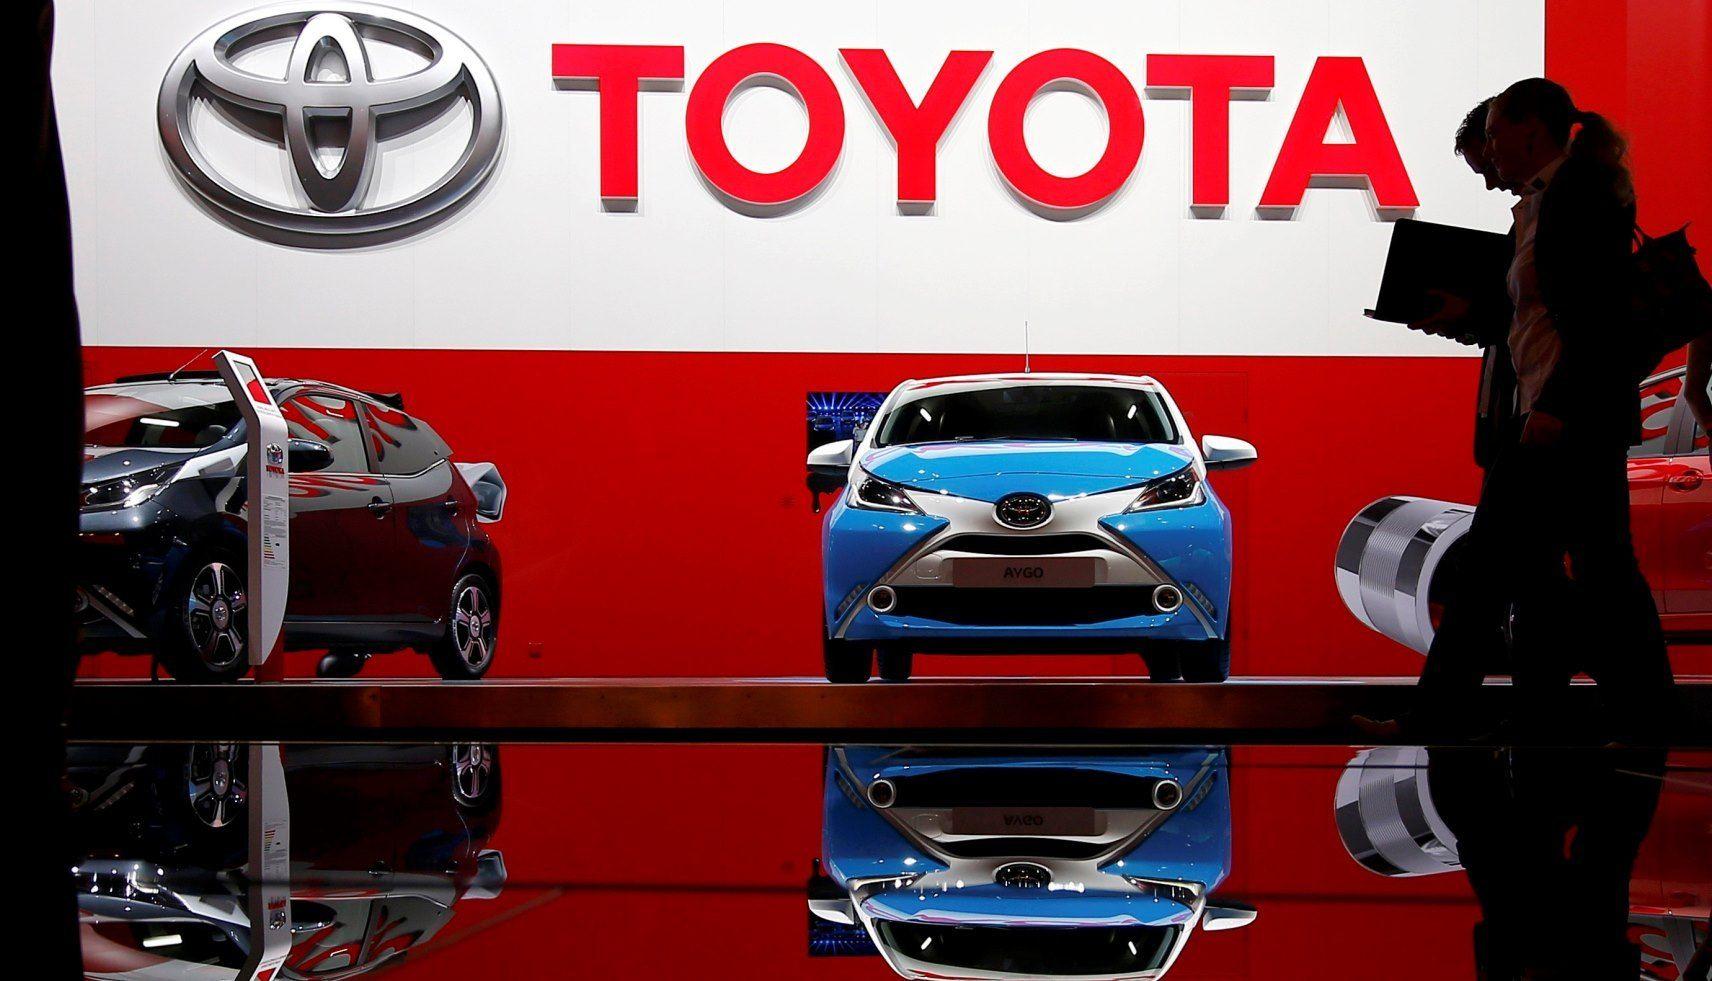 トヨタの人は なぜ 段取り がいいのか トヨタ リーダーシップ 経済